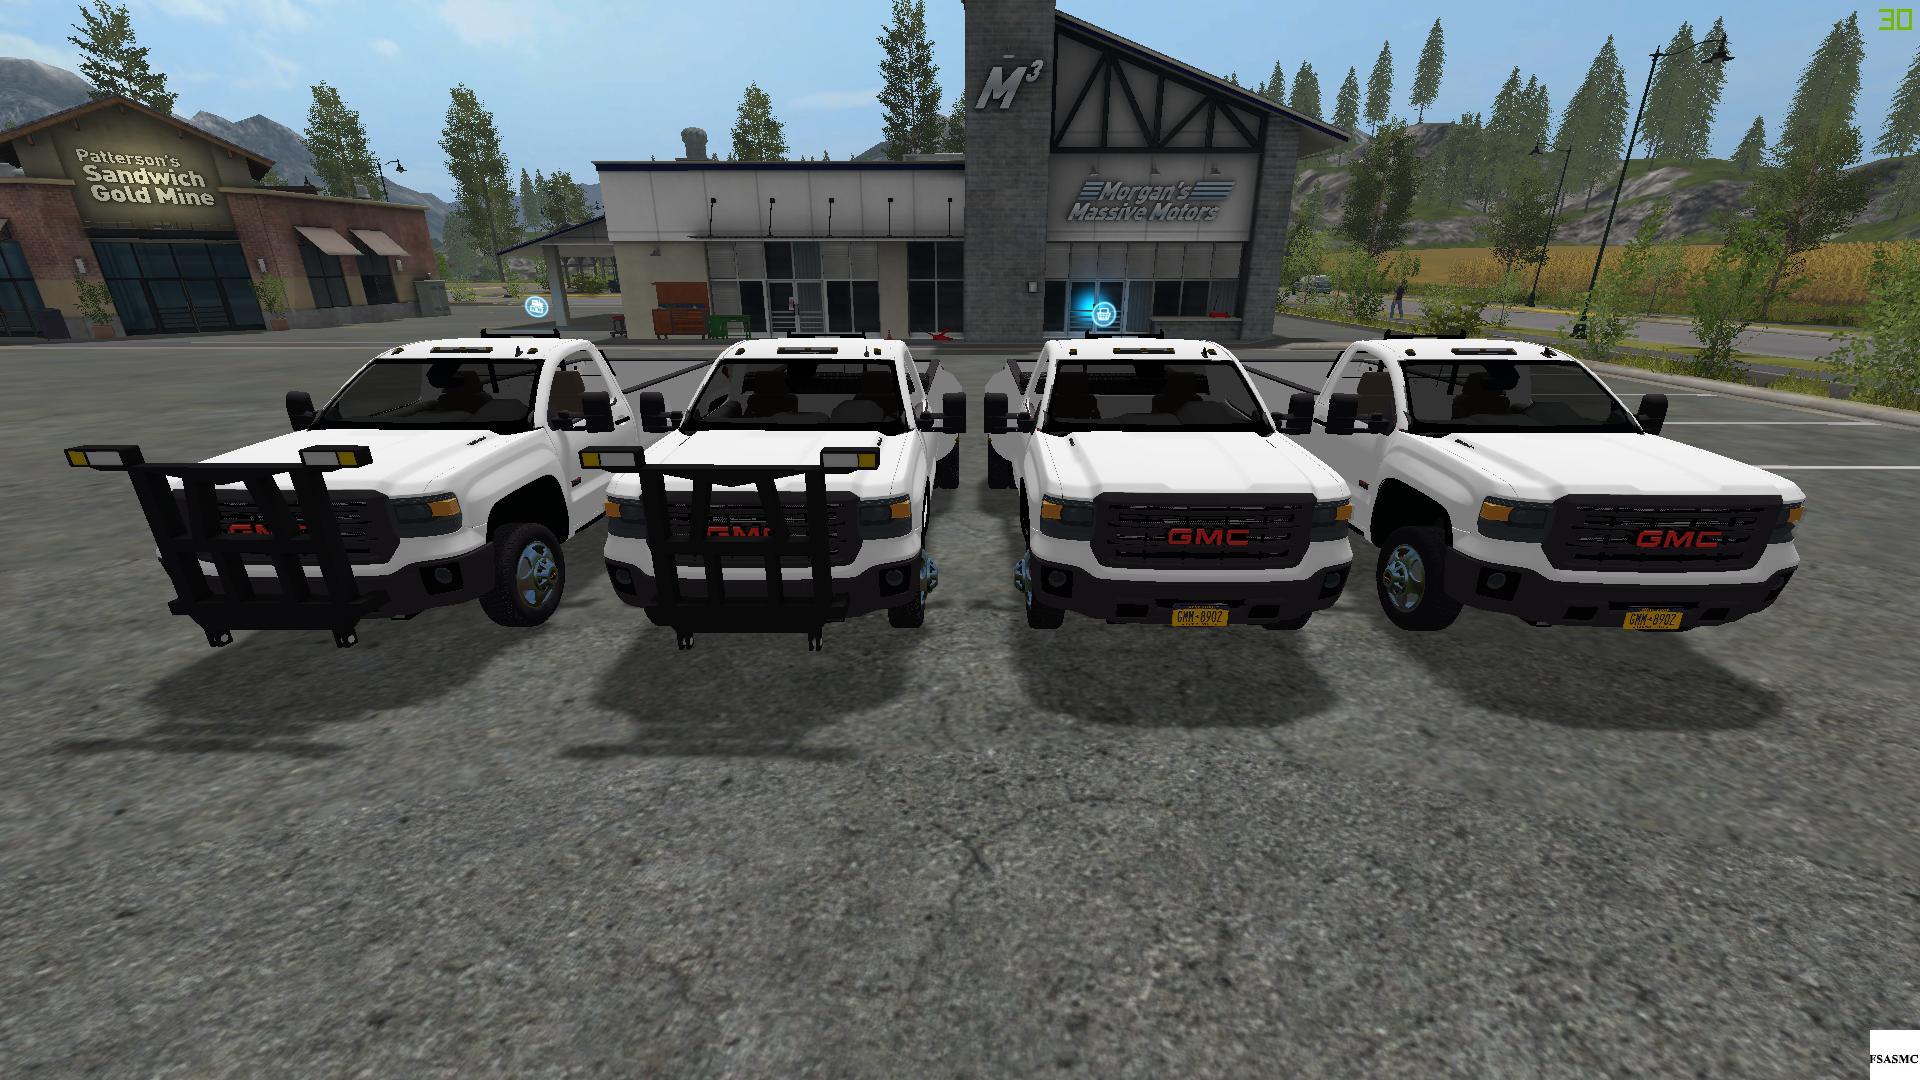 Gmc Sierra 3500hd Dually With Plows V1 Fs17 Farming Simulator 17 3500